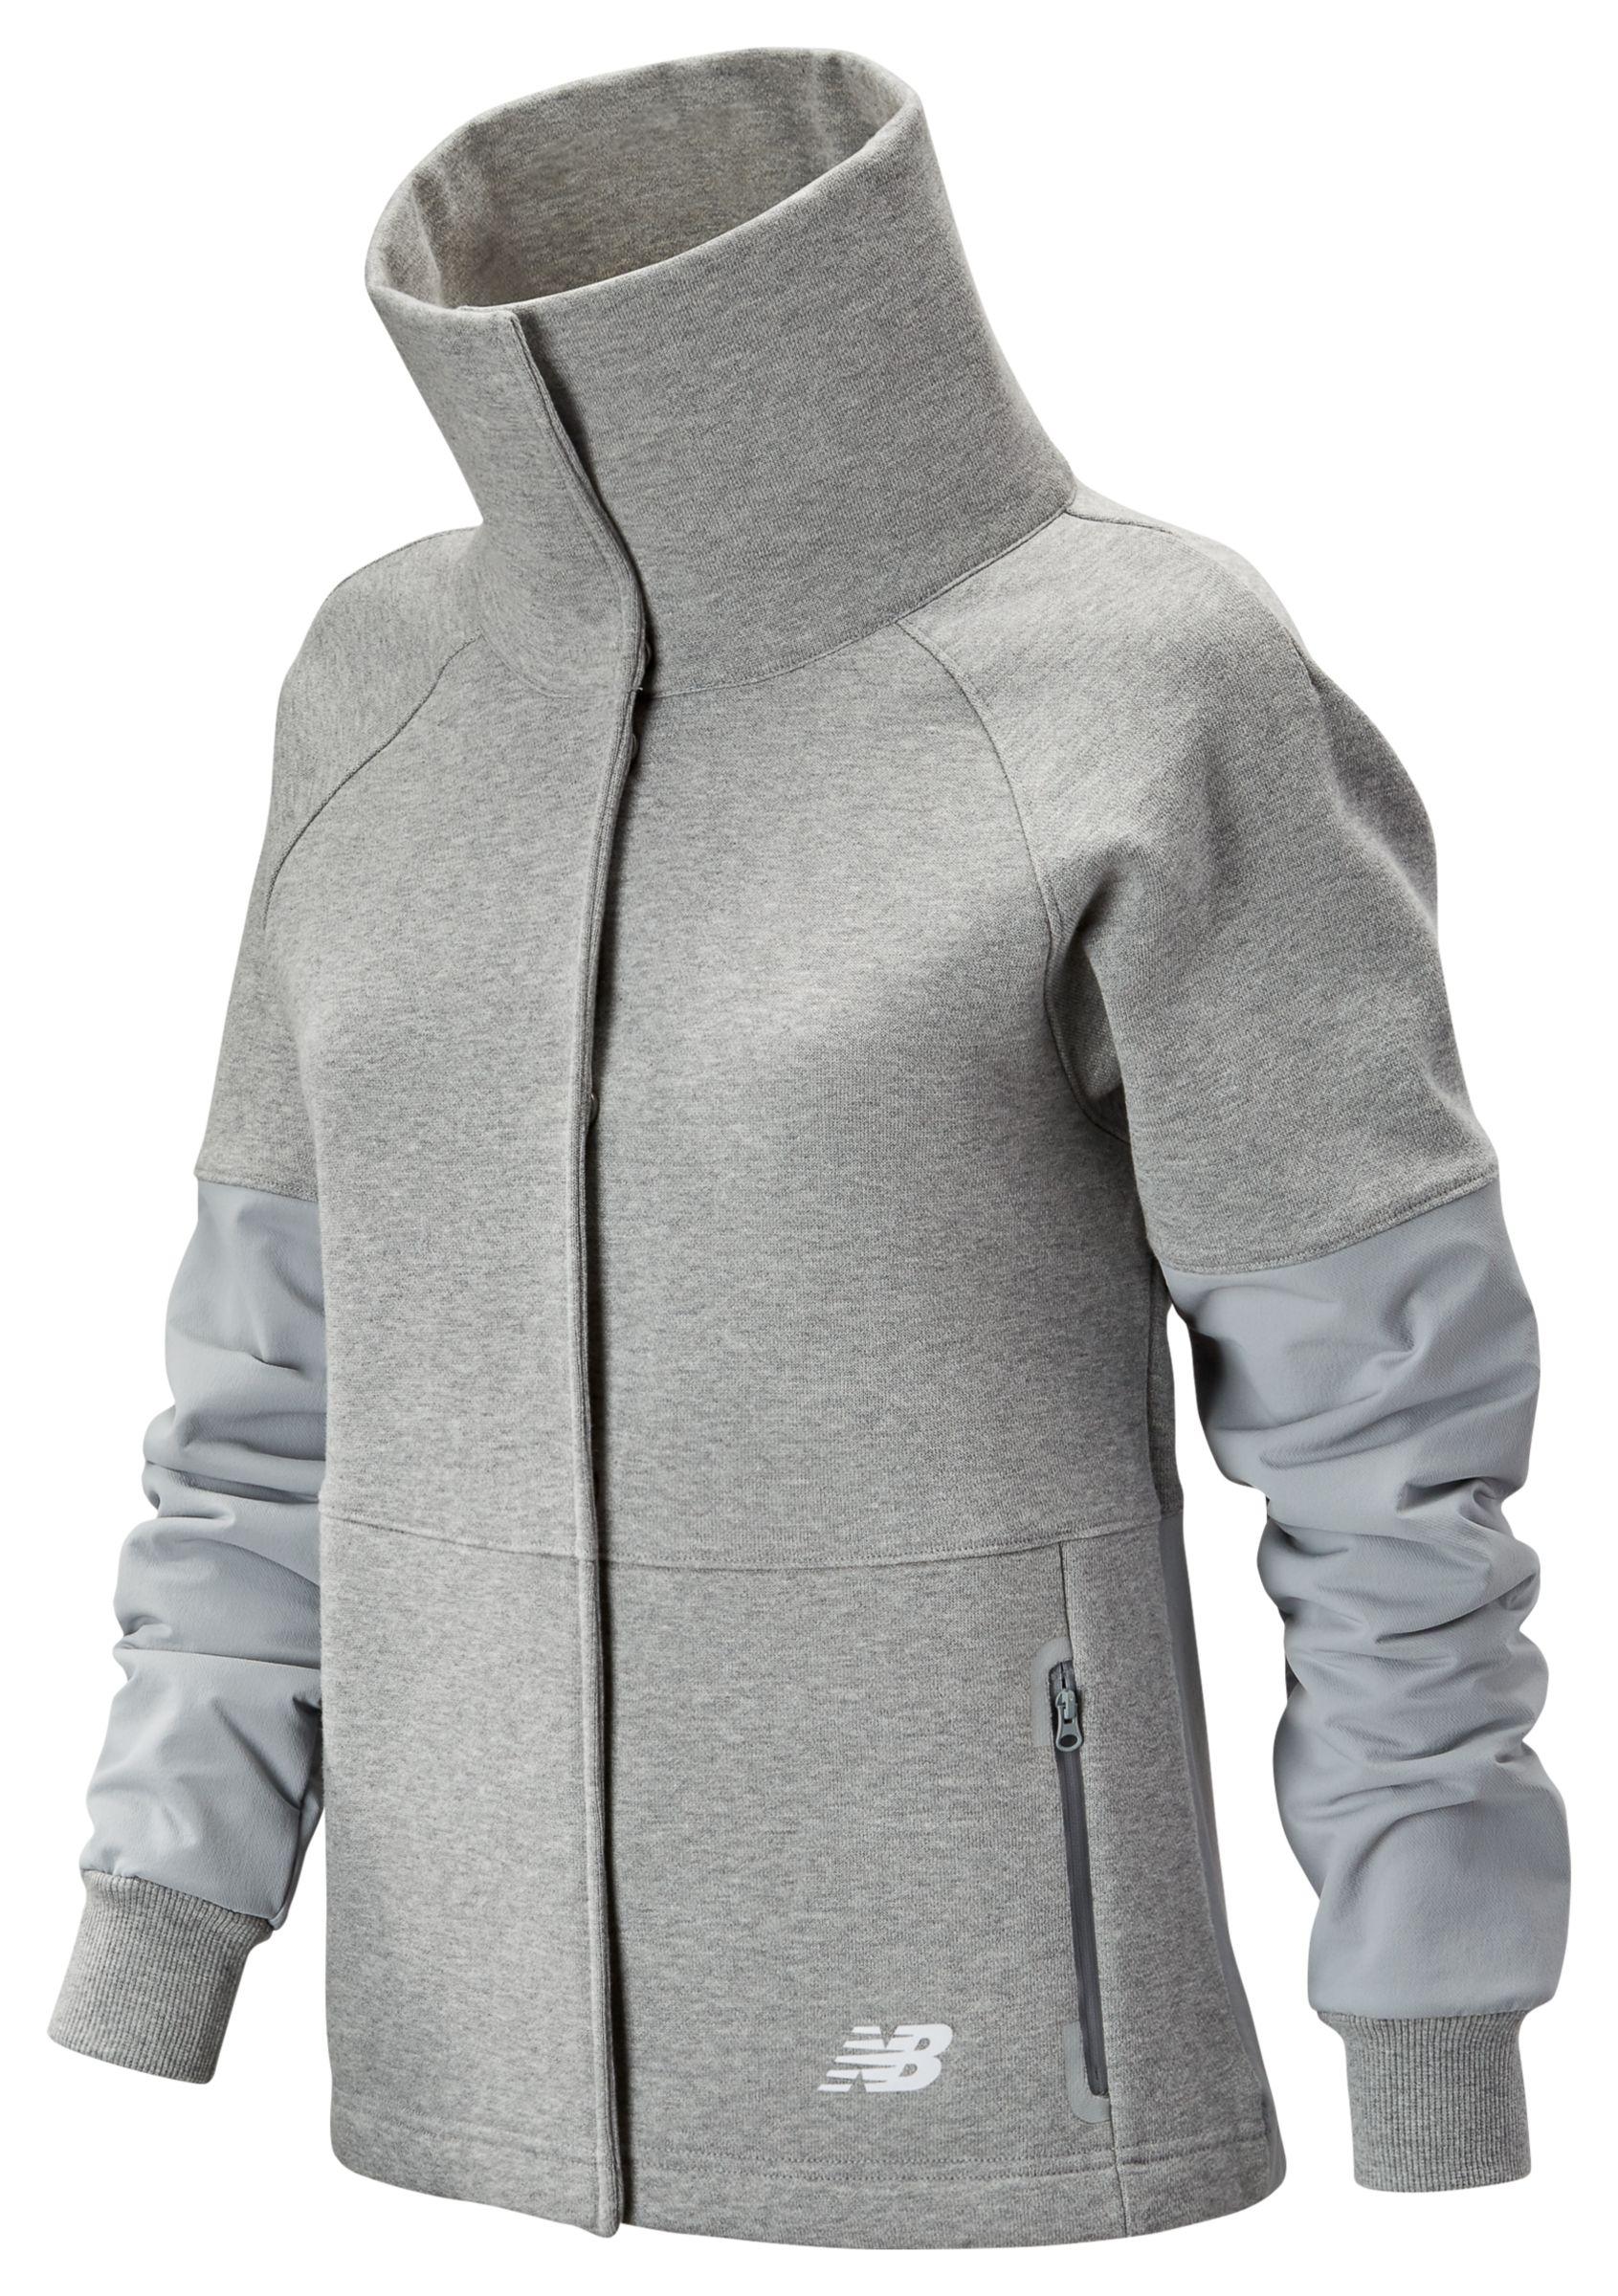 NB 247 Sport Mix Media Jacket, Athletic Grey